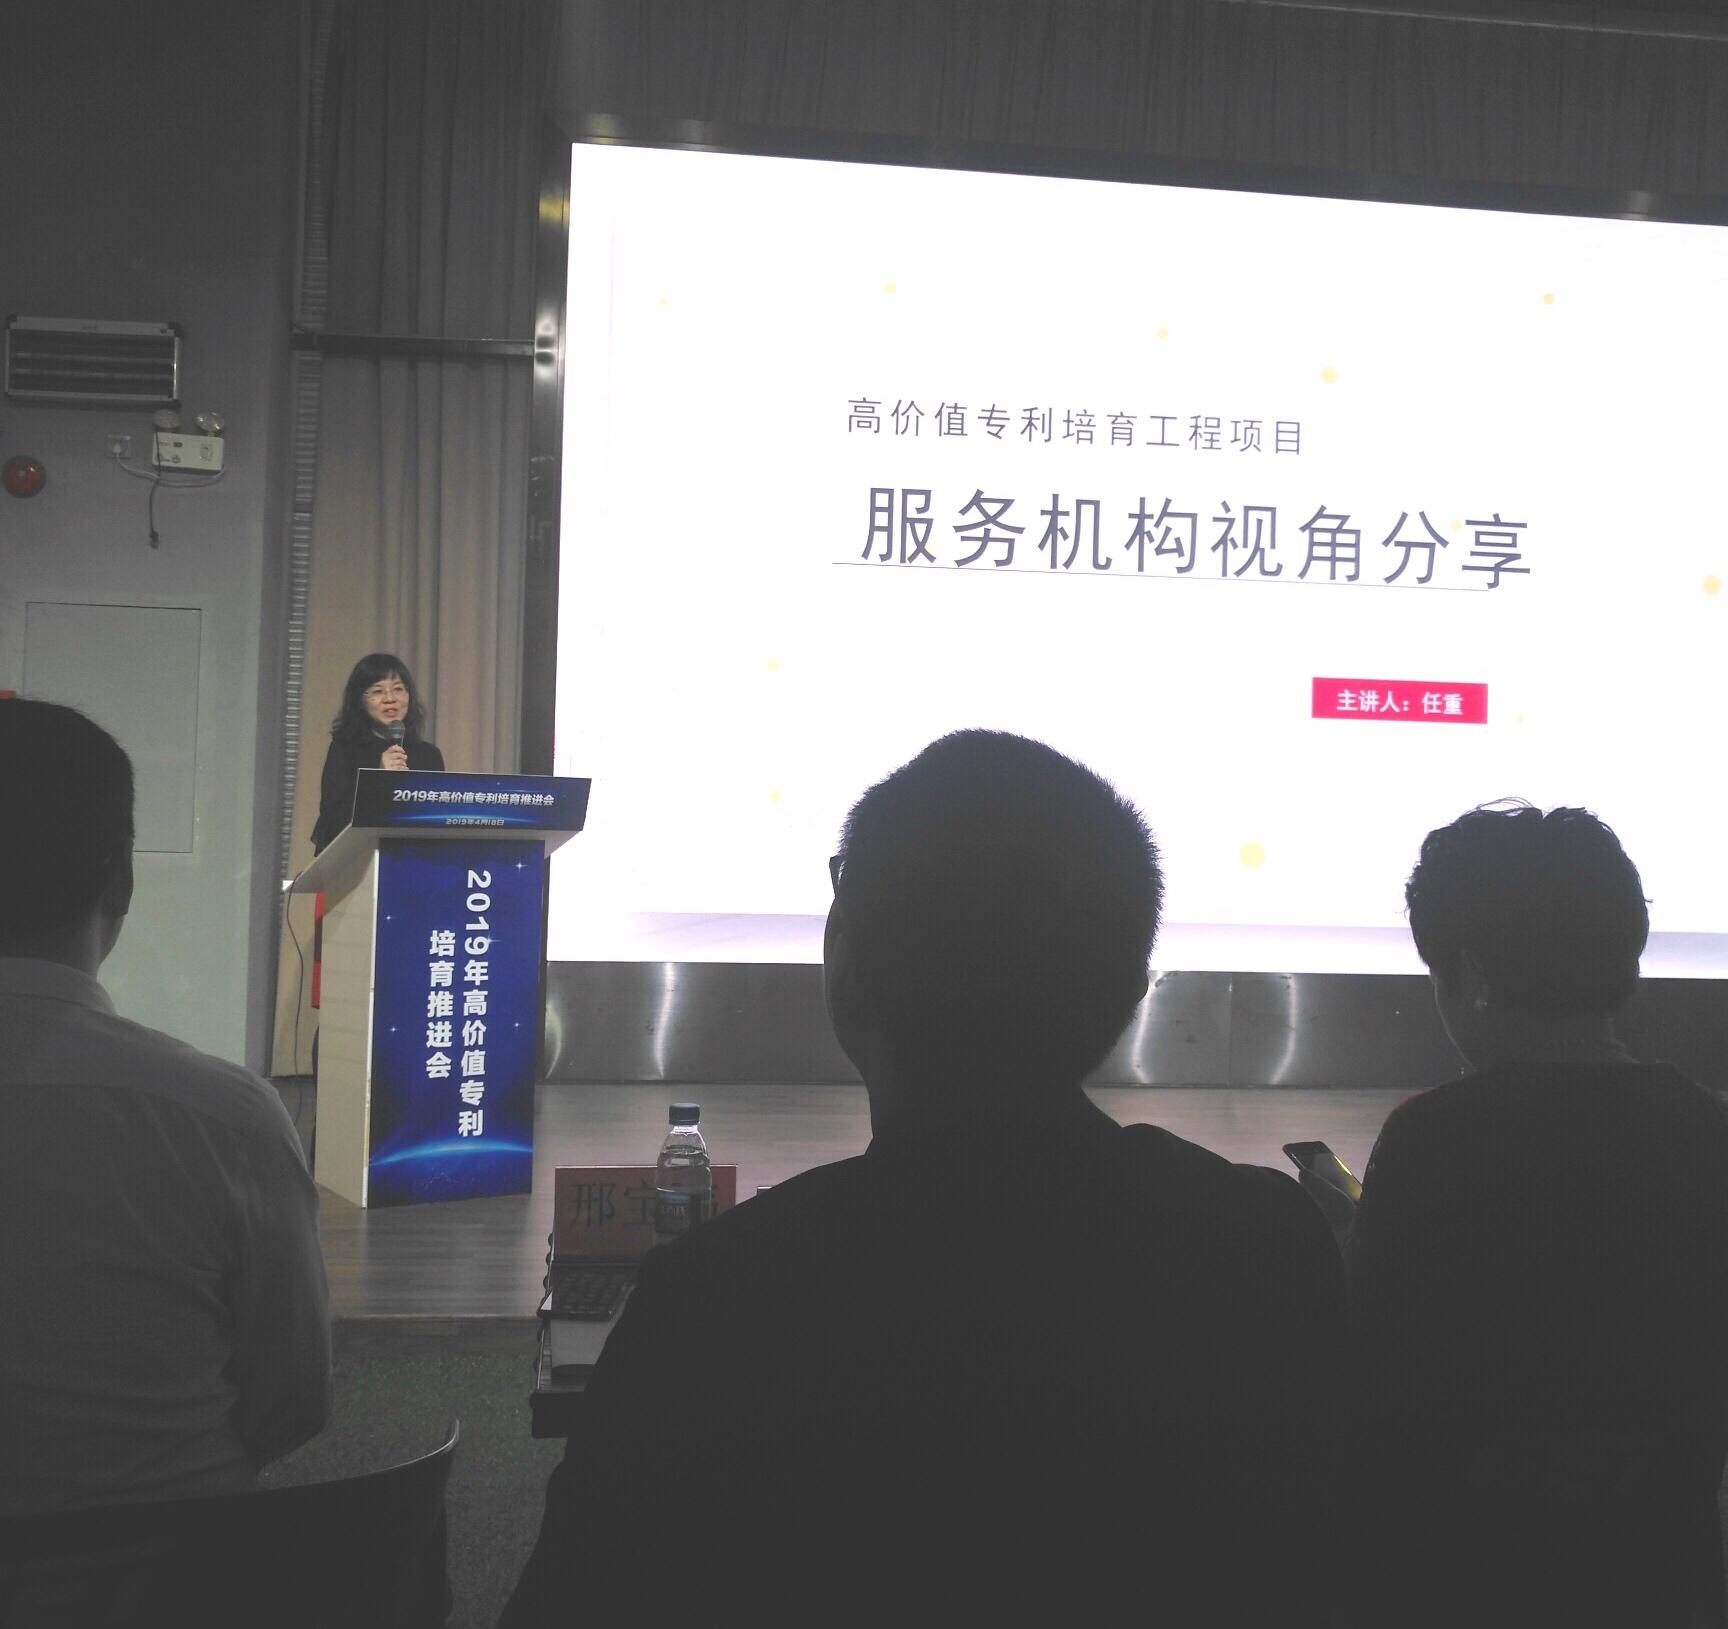 粤高承办的高价值专利培育推进会在广州顺利开展  粤高知识产权  4月19日